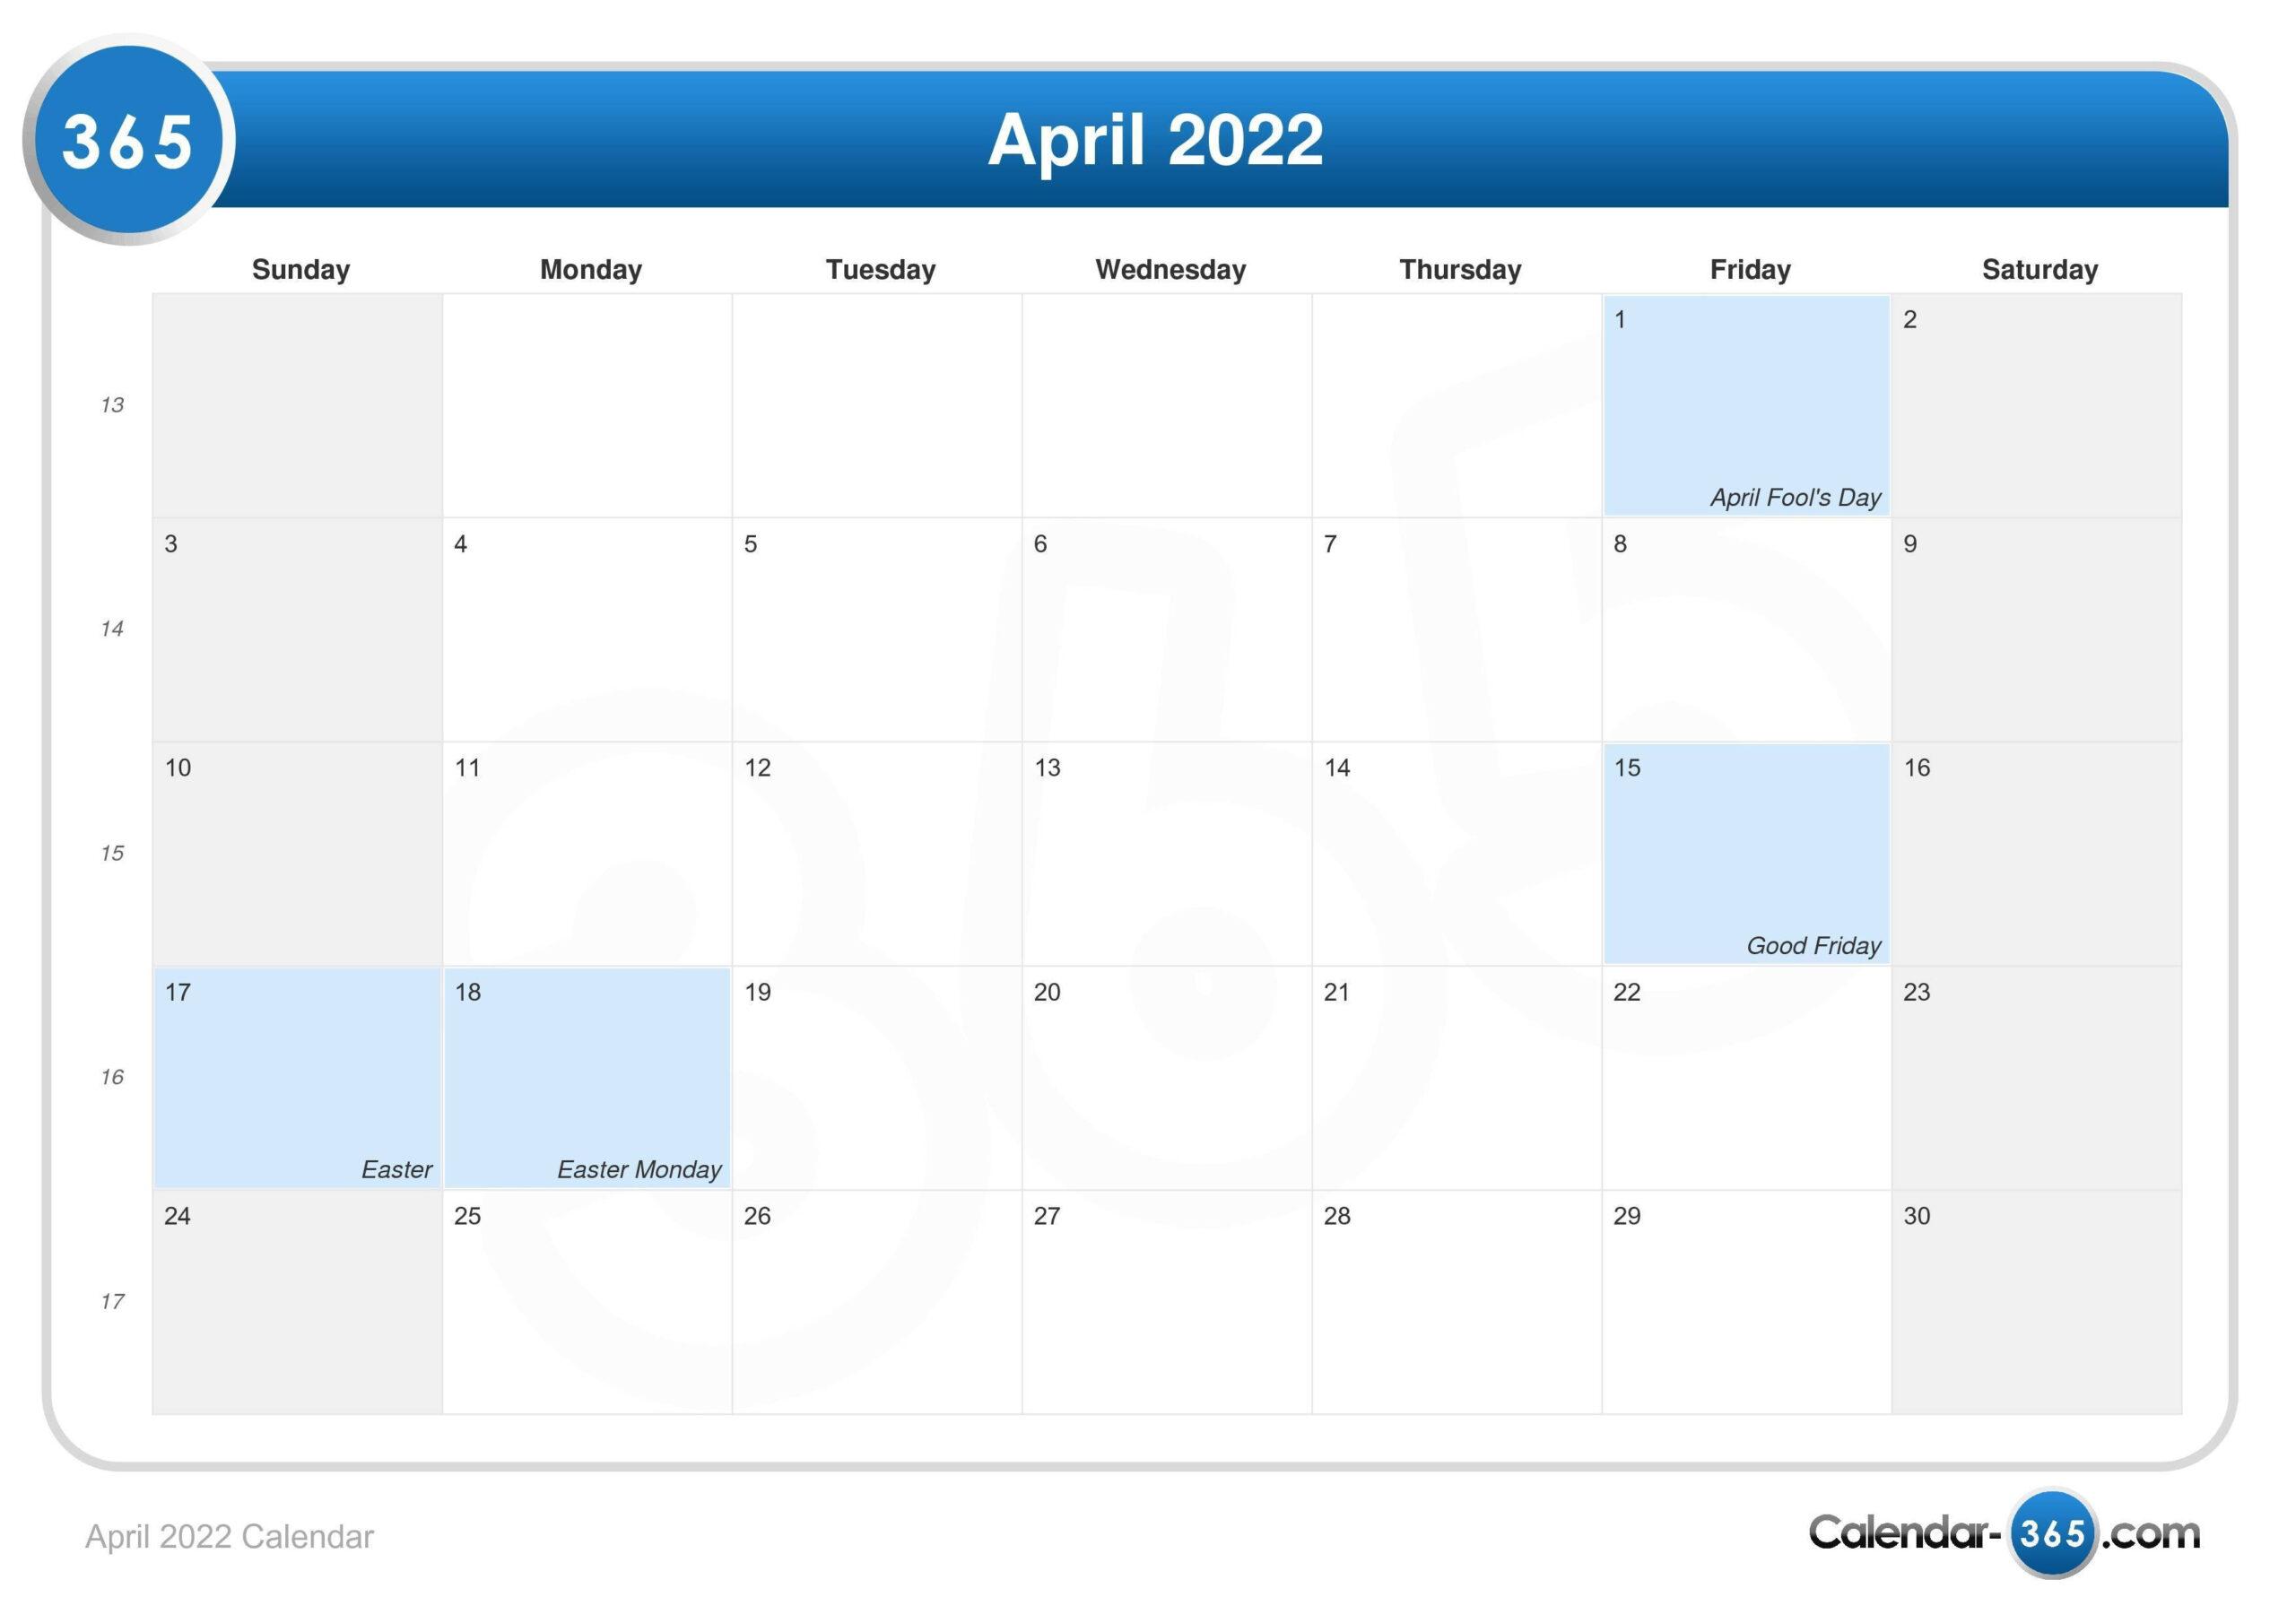 April 2022 Calendar with regard to Calendar 2022 April Print Now Graphics